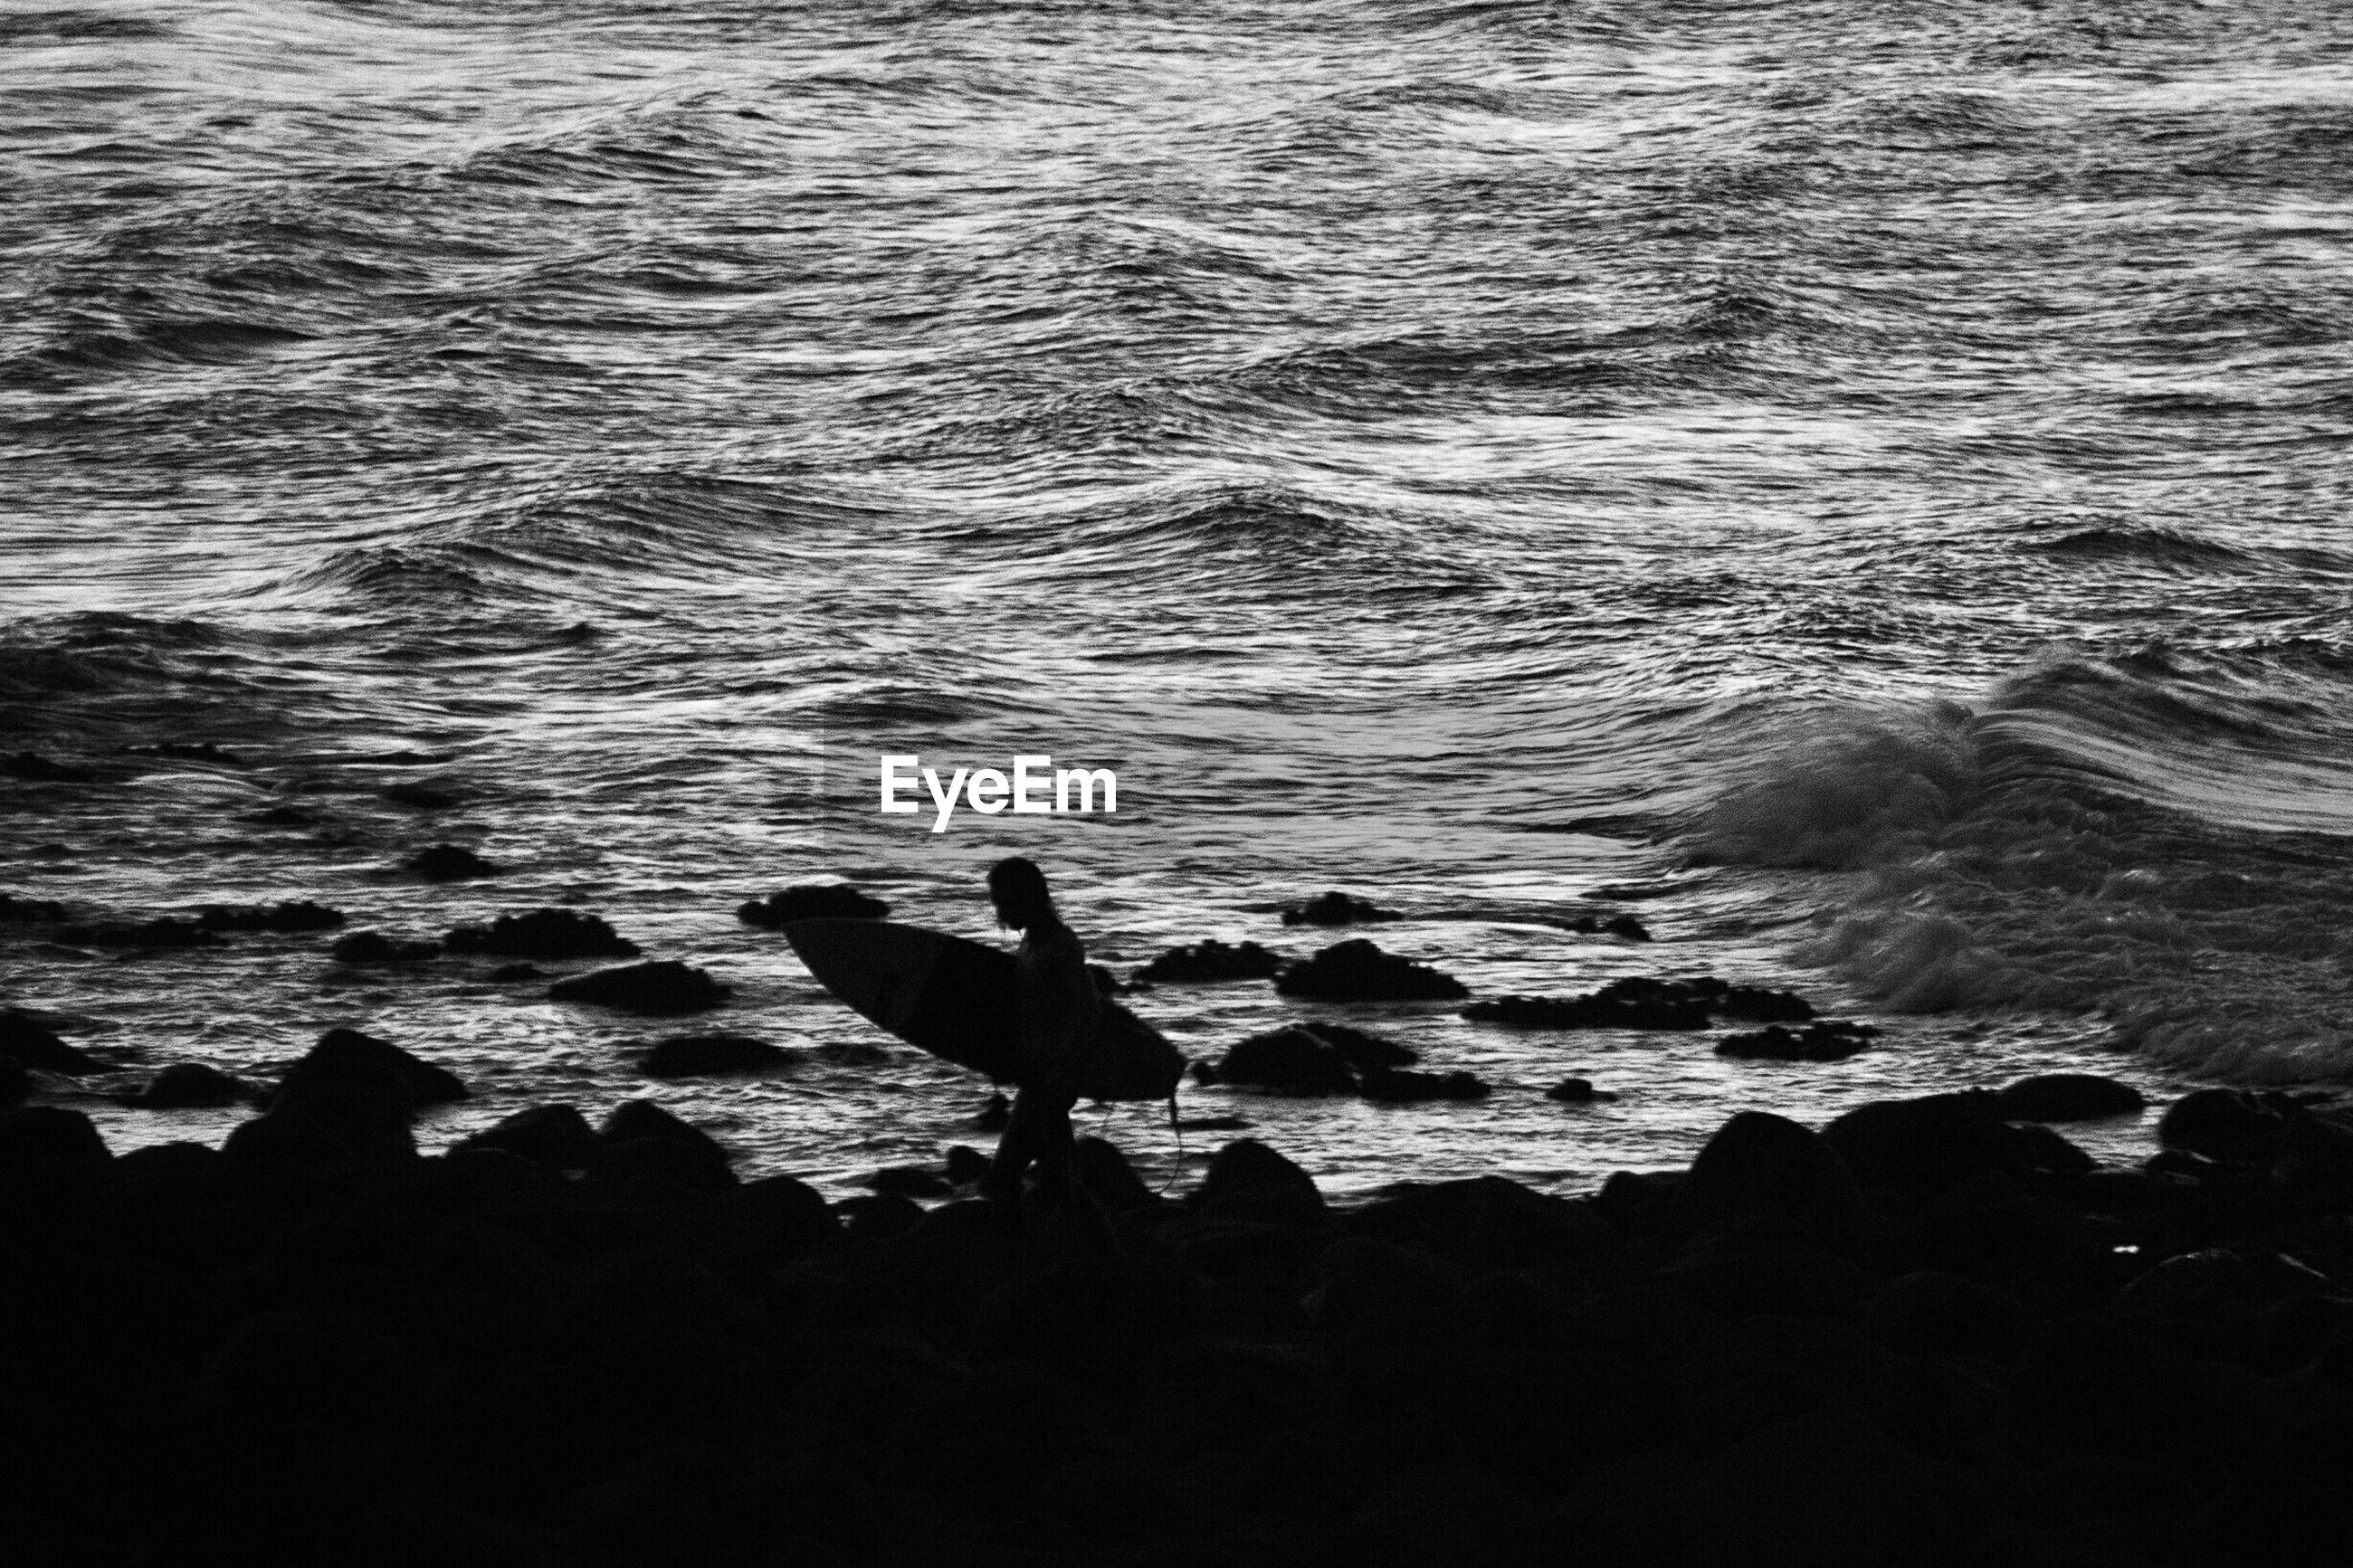 Scenic view of silhouette shore and sea